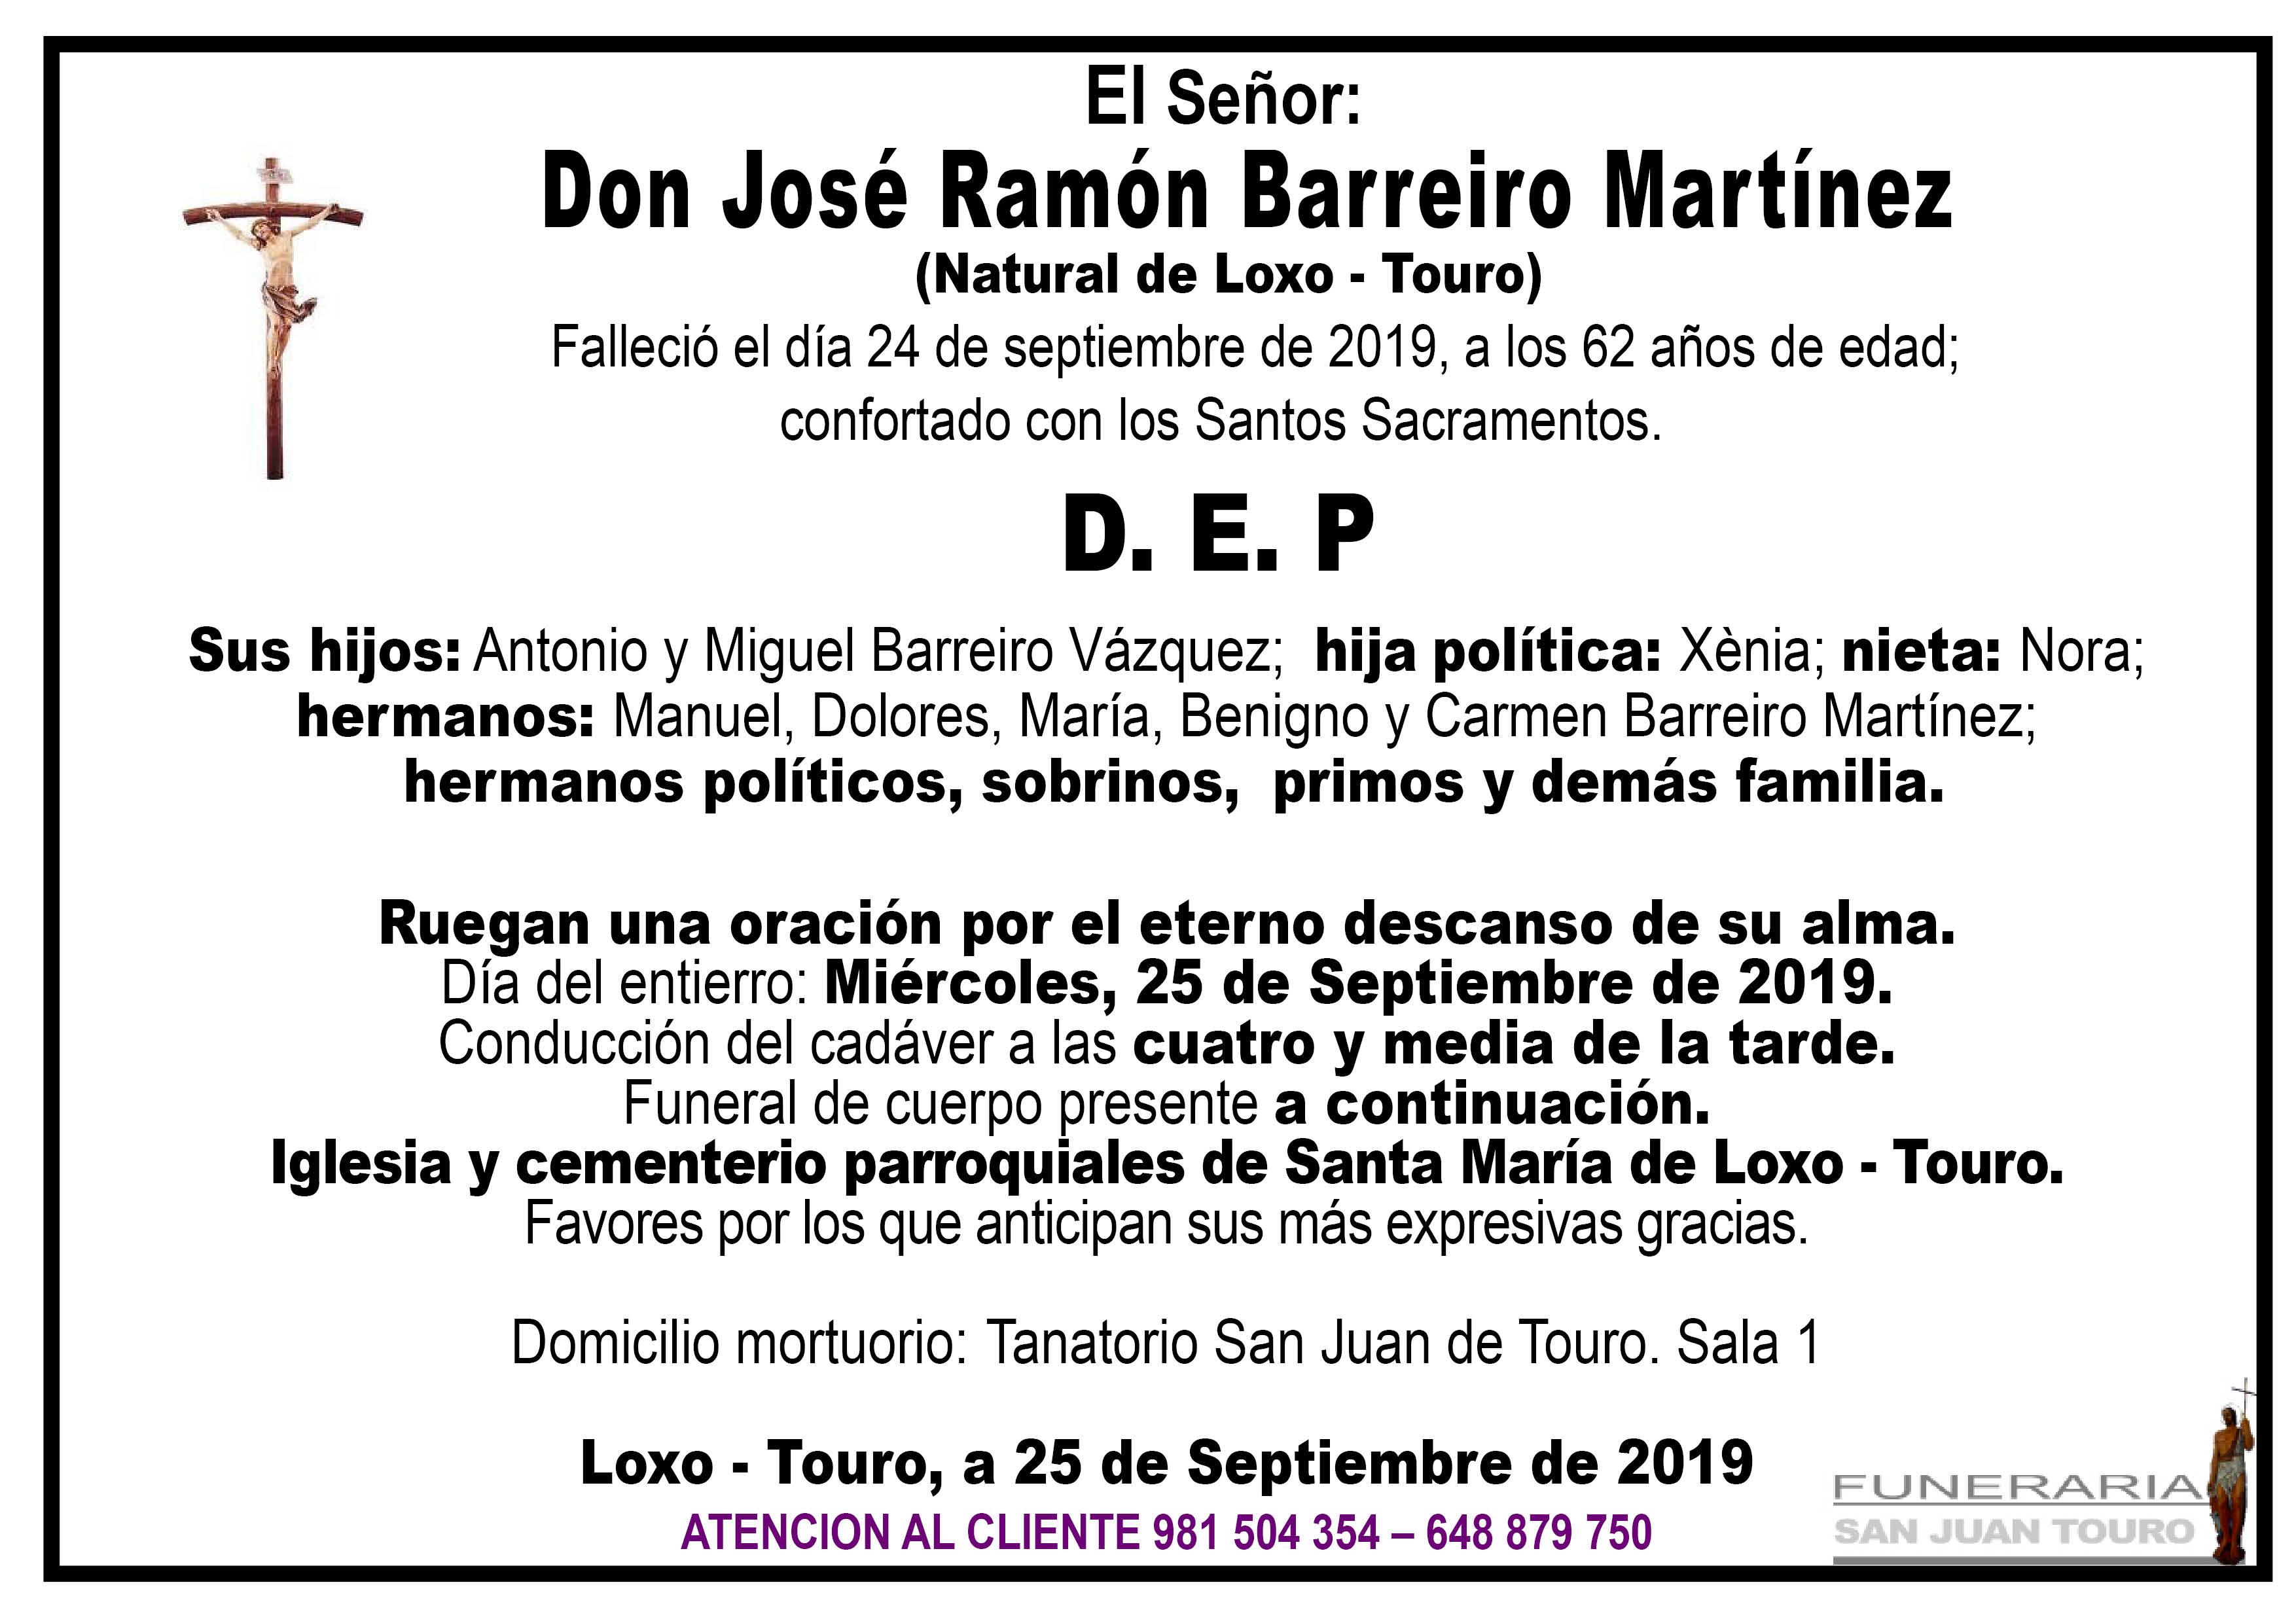 Esquela de SEPELIO DE DON JOSÉ RAMÓN BARREIRO MARTÍNEZ